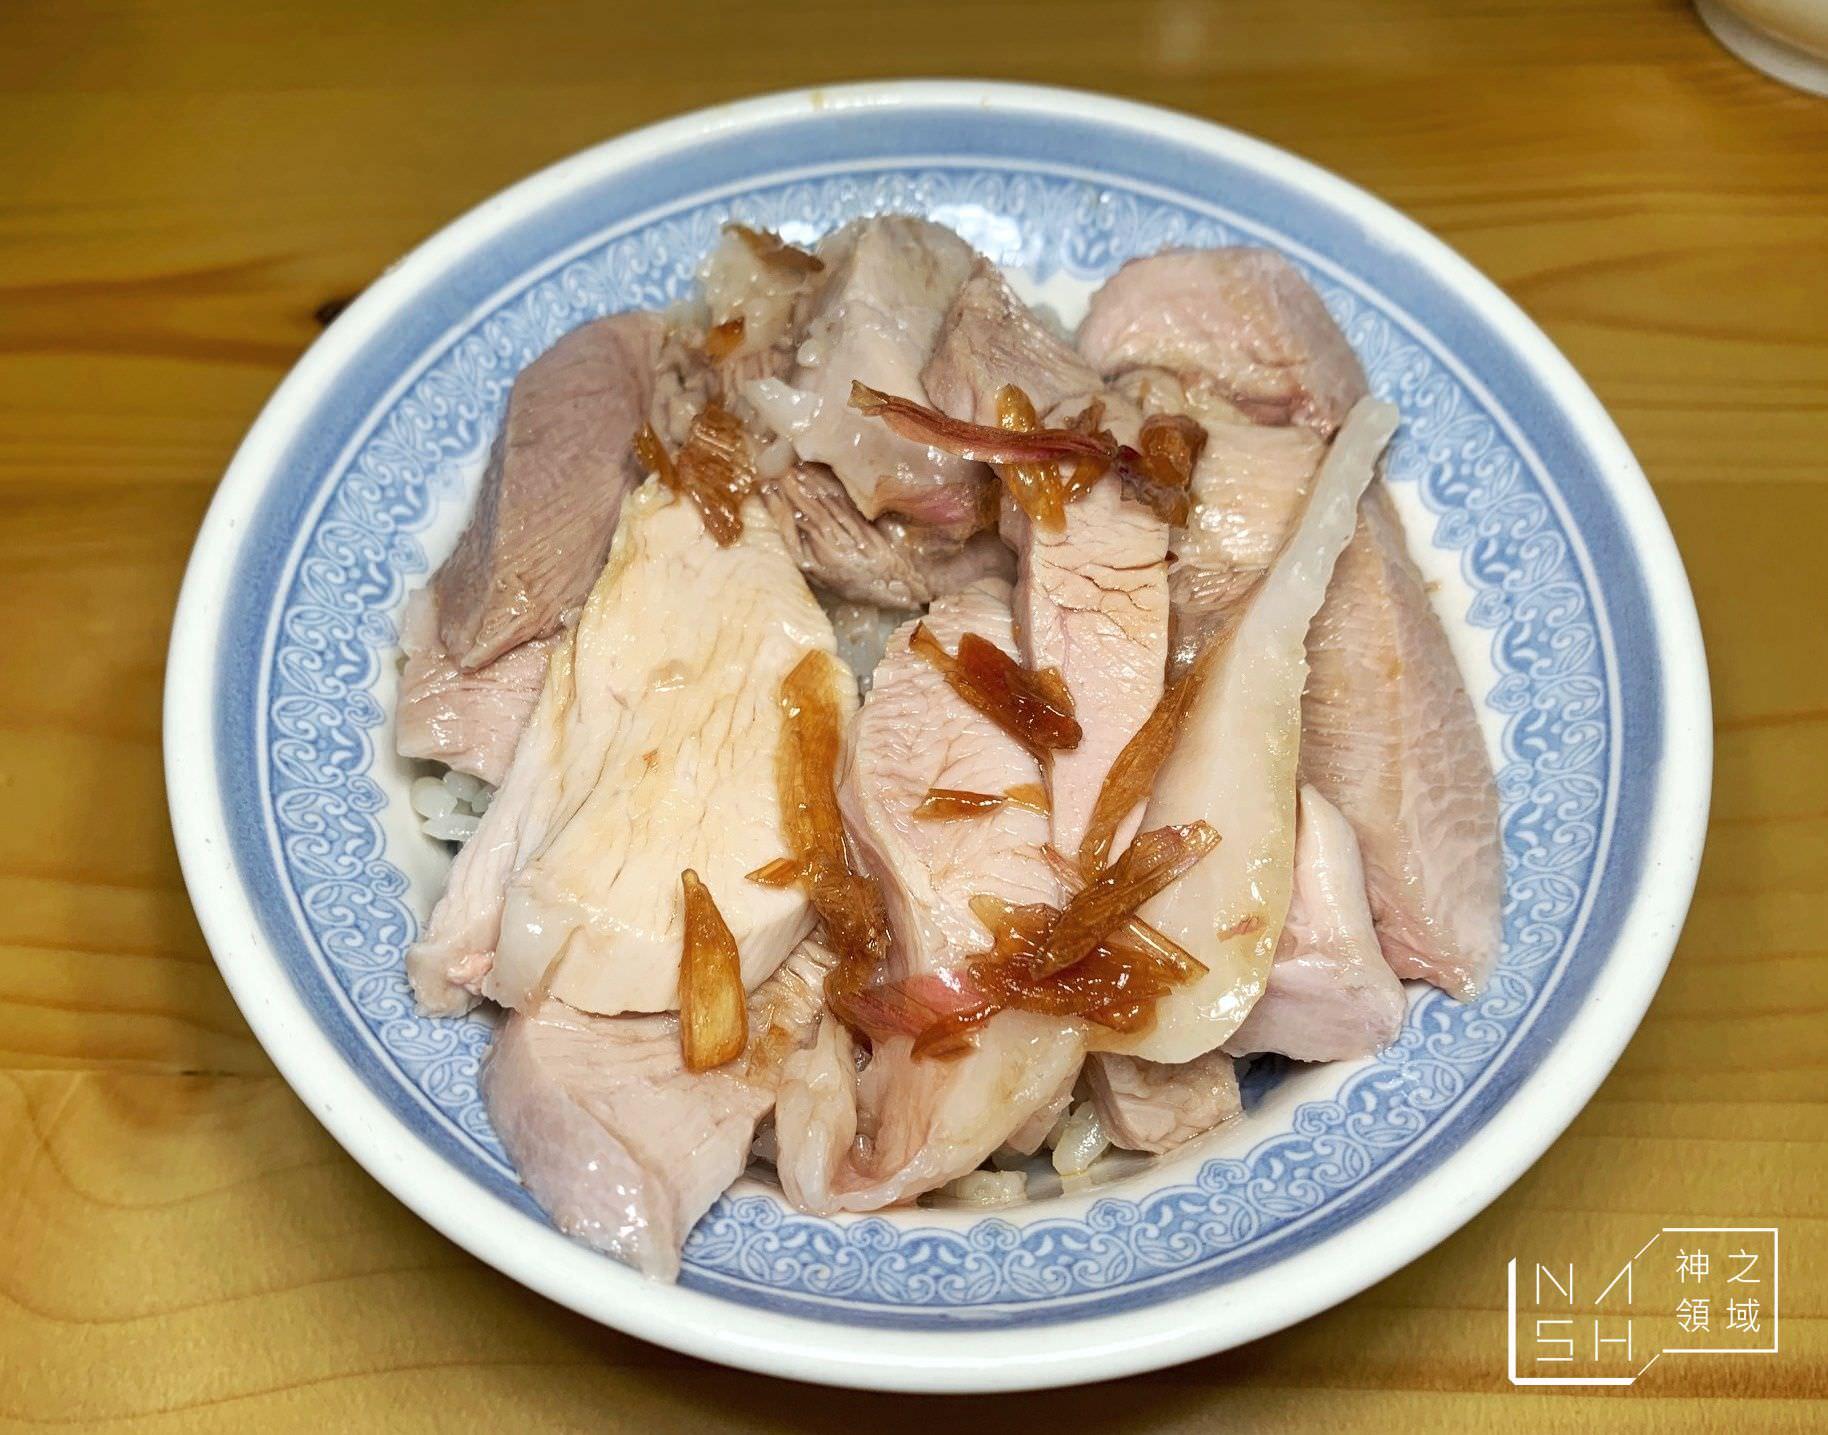 正統雞肉飯